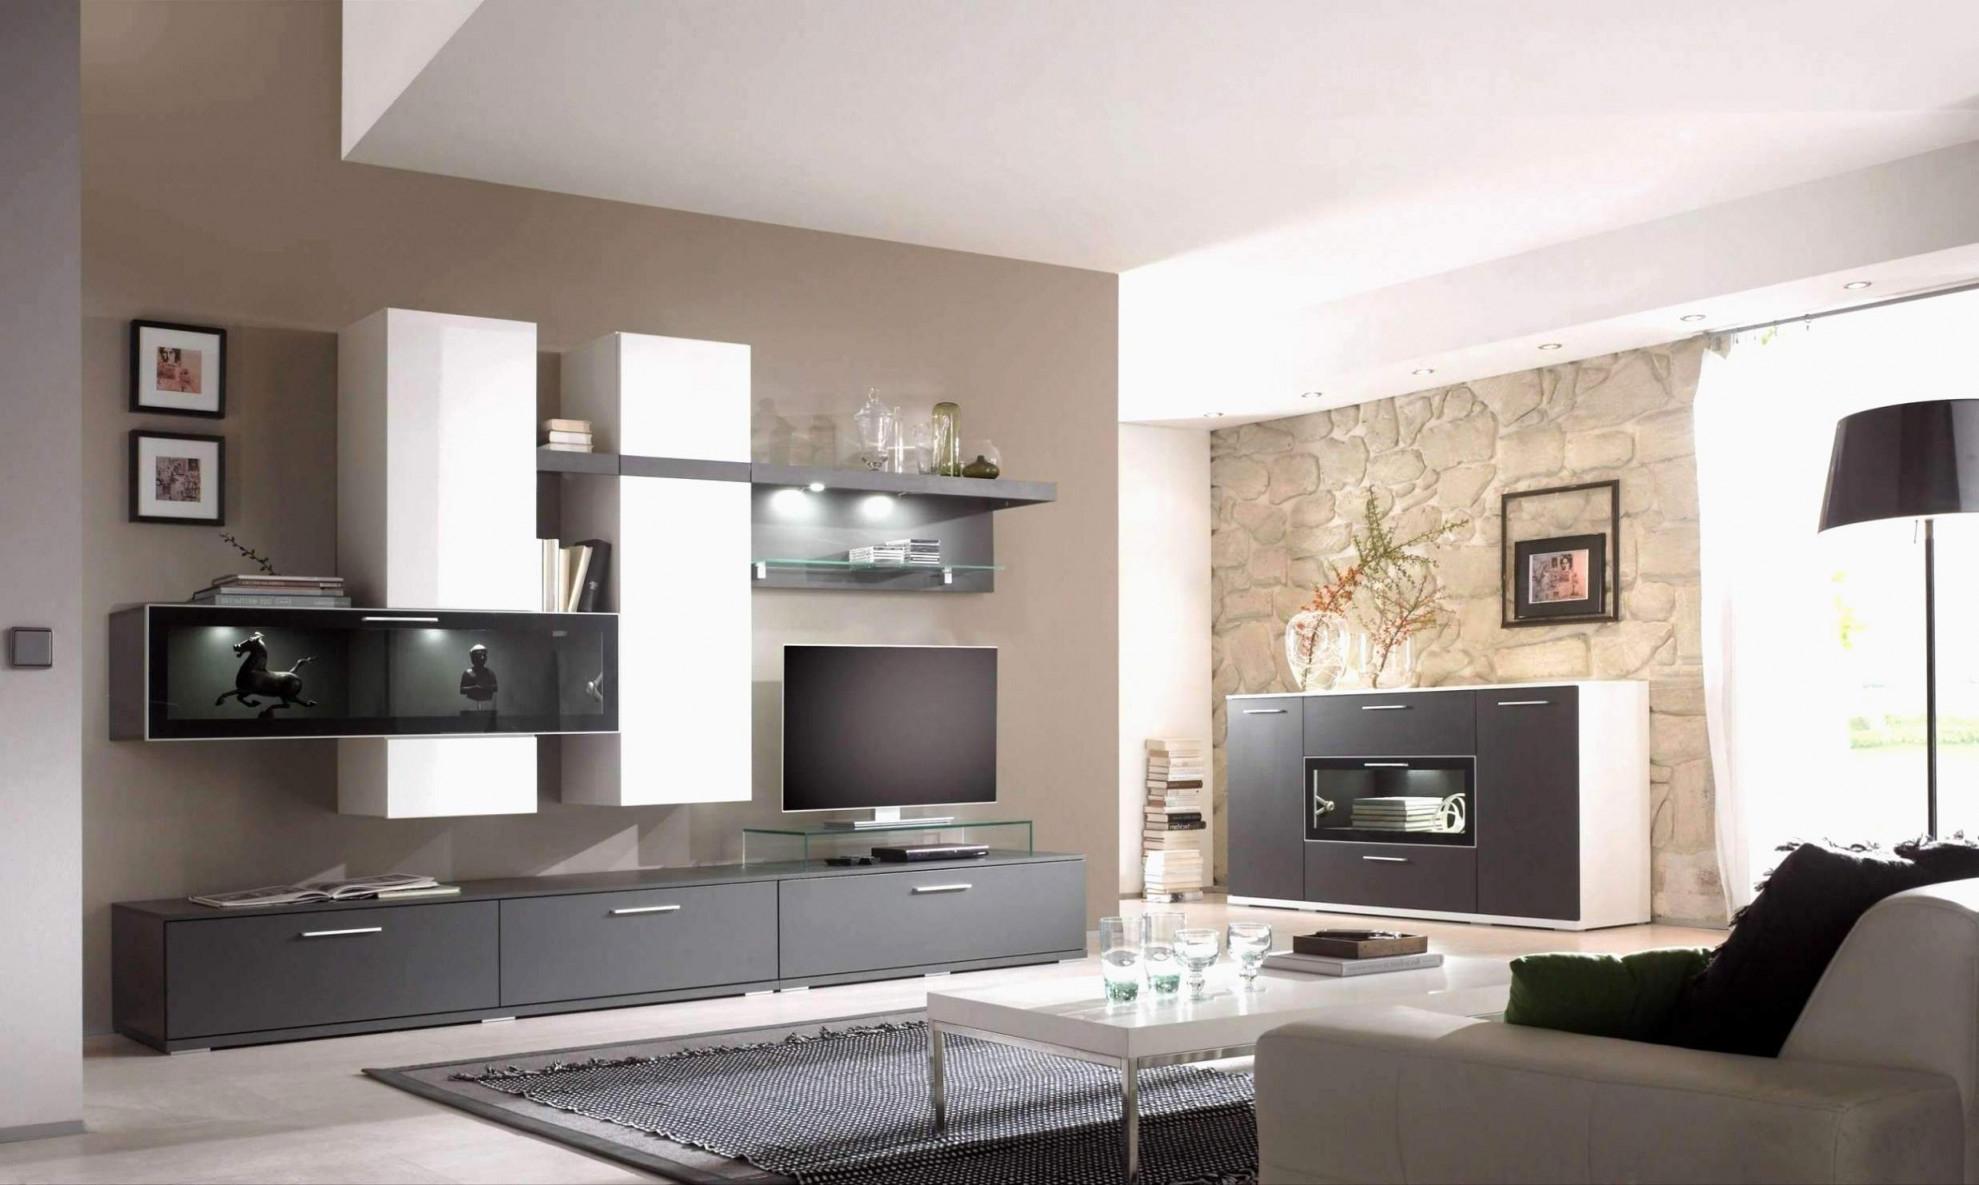 Stylische Wohnzimmer Luxus Wohnideen Wohnzimmer Bilder von Stylische Bilder Wohnzimmer Bild